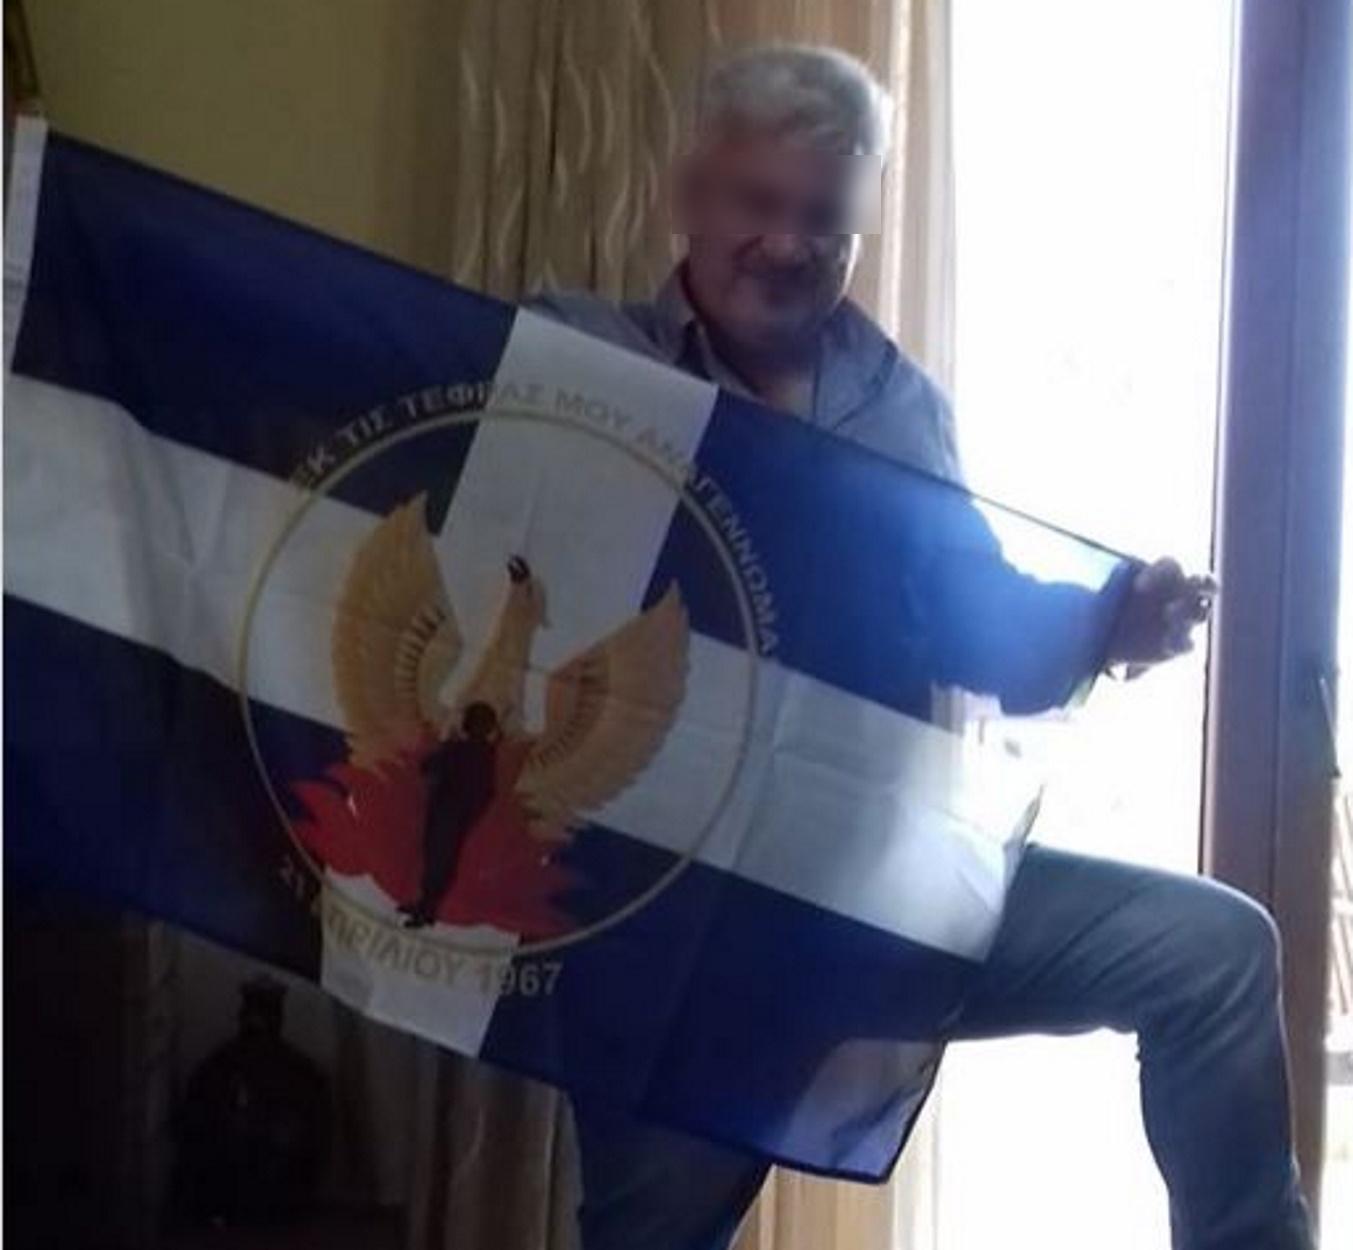 """Διαγράφηκε από τη ΝΔ ο αντιδήμαρχος Στυλίδας – Τον """"έκαψε"""" η φωτογραφία με τη σημαία της Χούντας"""